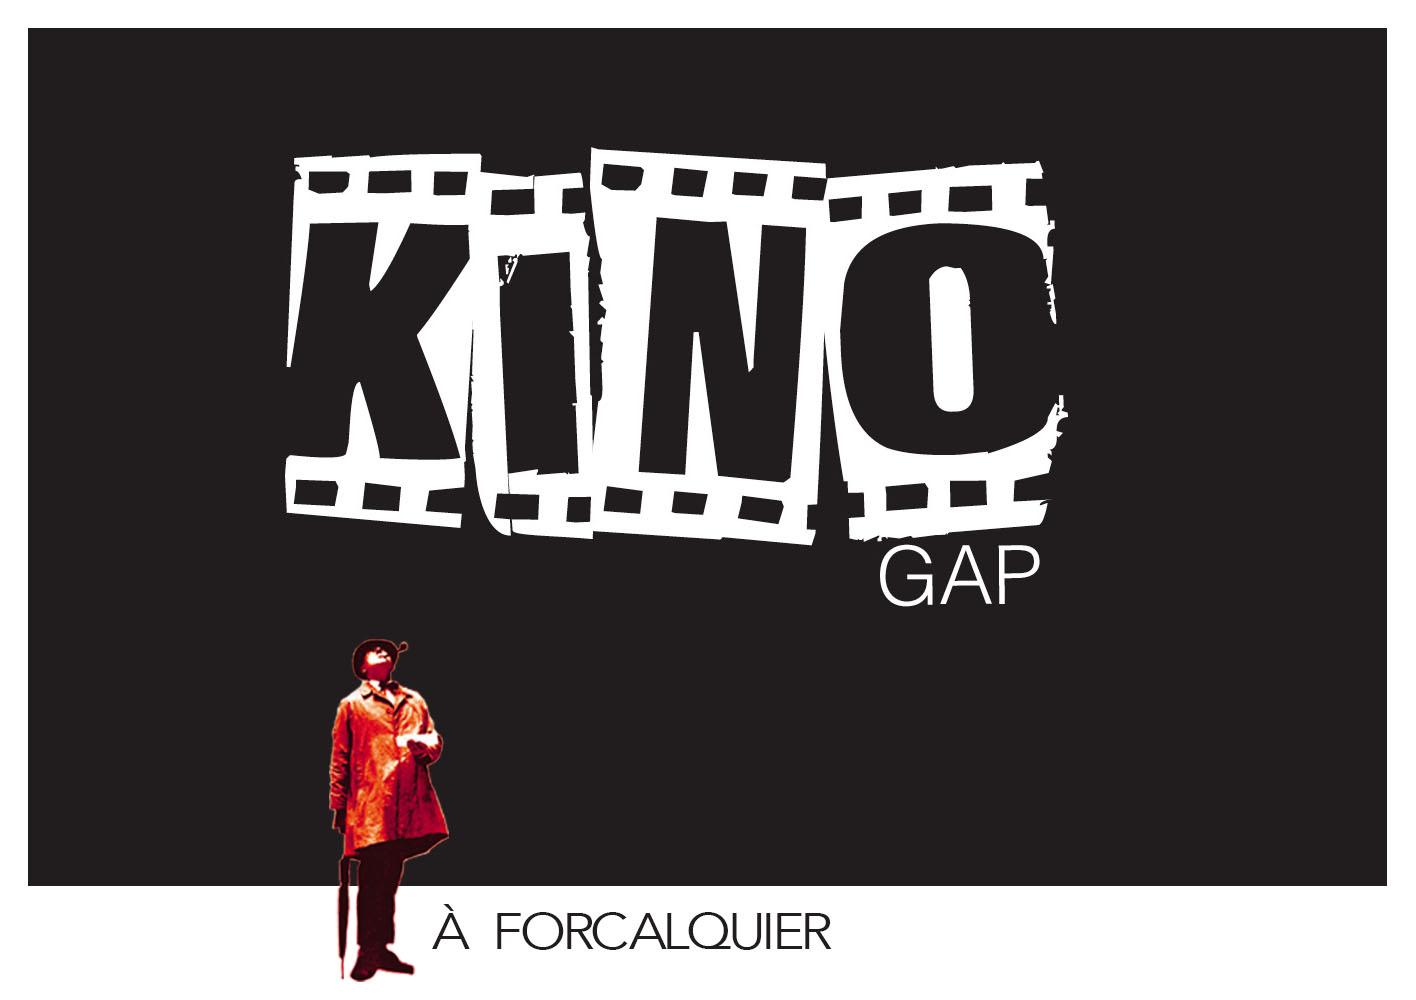 Lamm Kino Gap